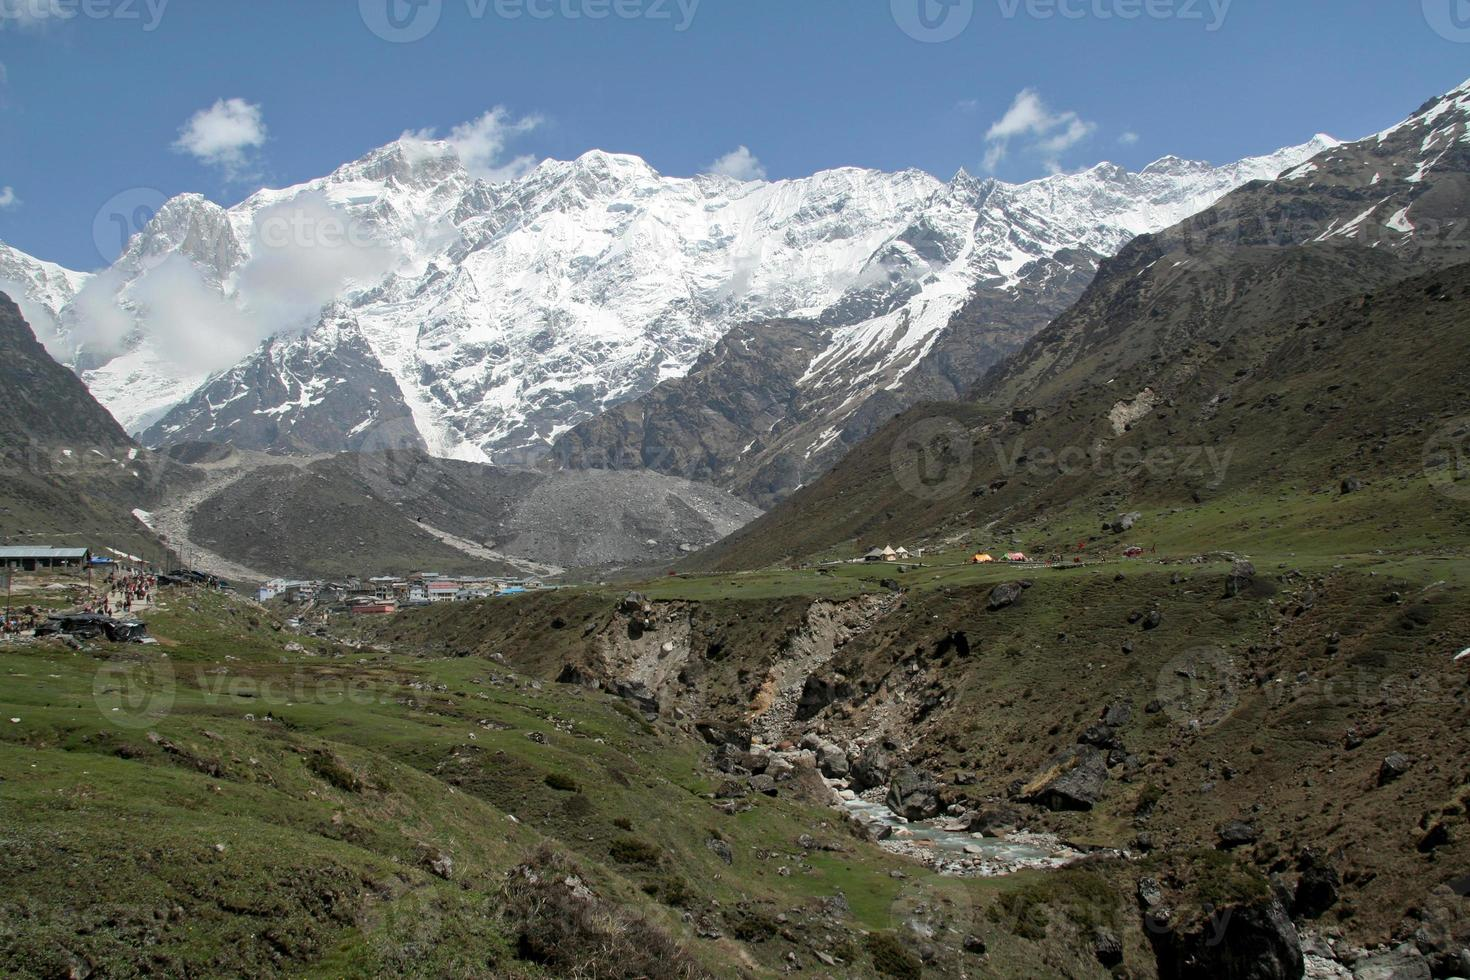 caminho da montanha do Himalaia foto